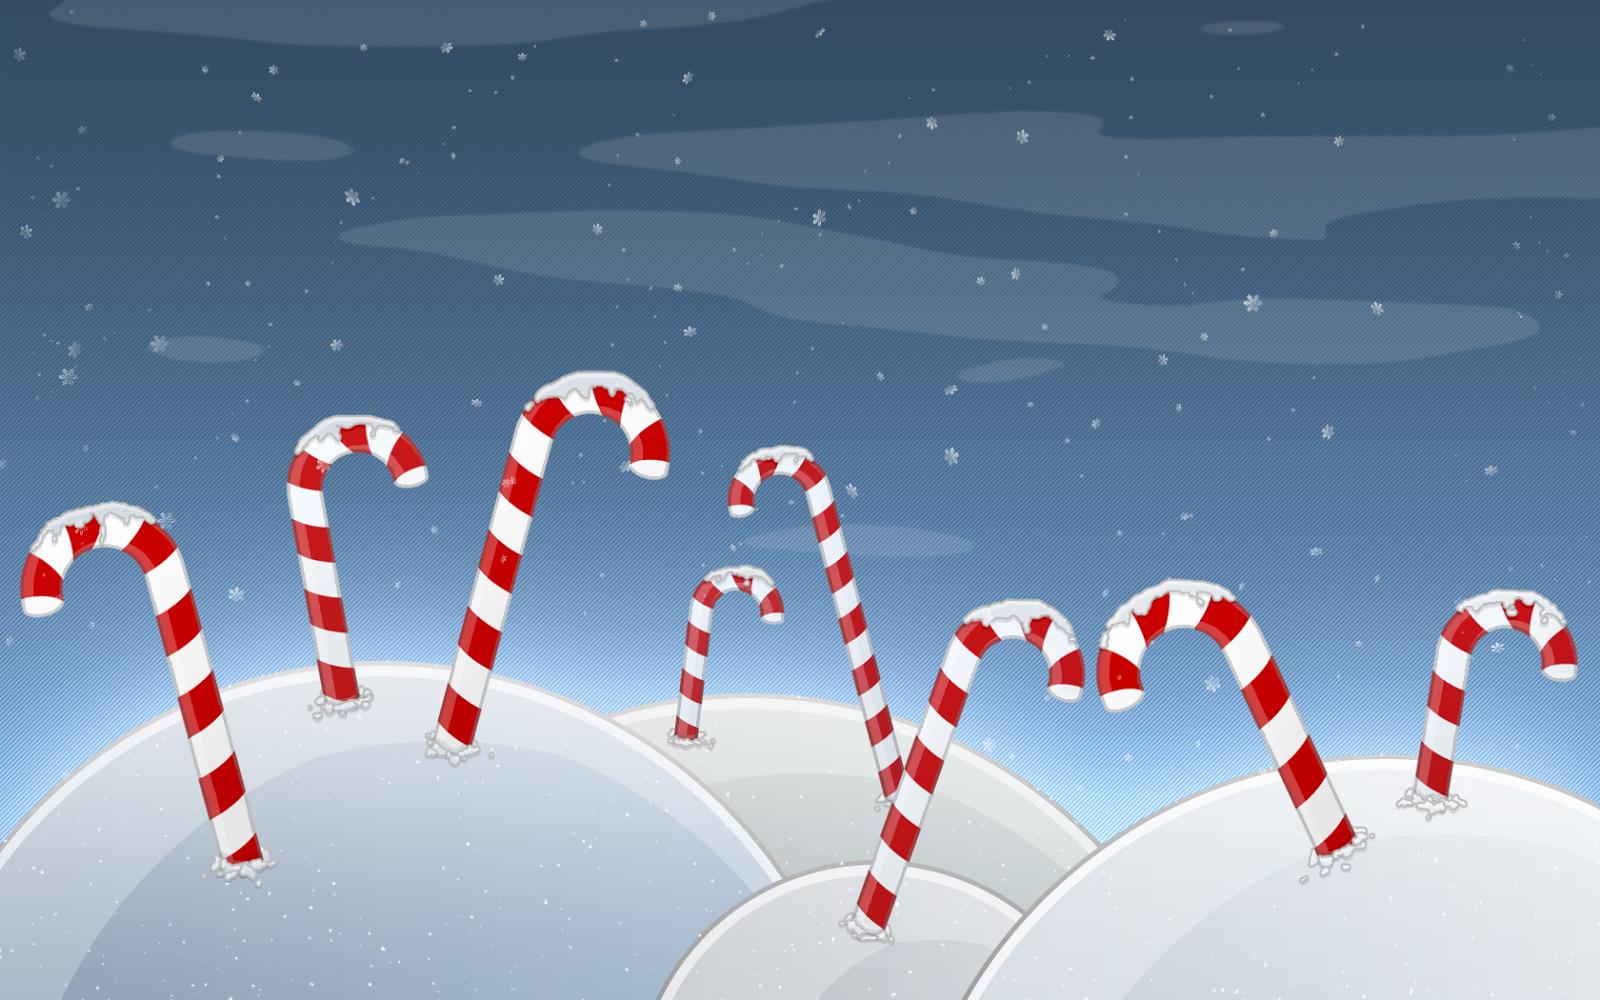 Aguinaldos De Dulces mail.bet-at-home.com - robtex Para Regalar Regalos Navidad - BissKey Parabola